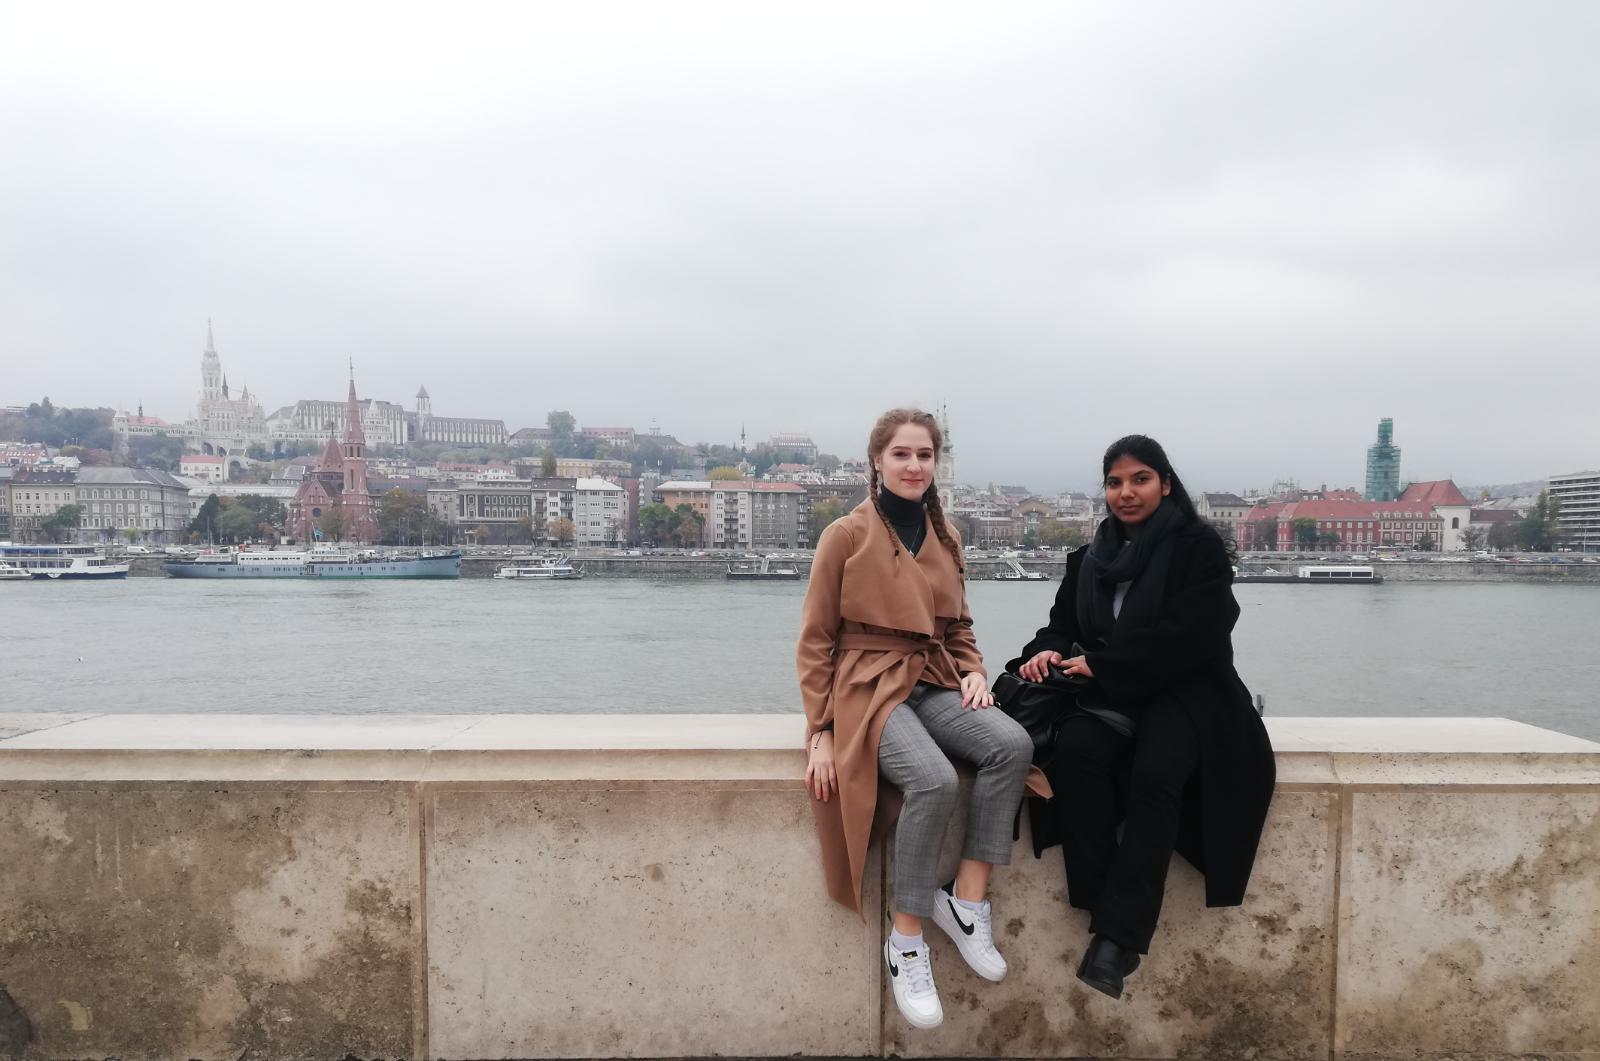 Rundgang Pest - Blick nach Buda